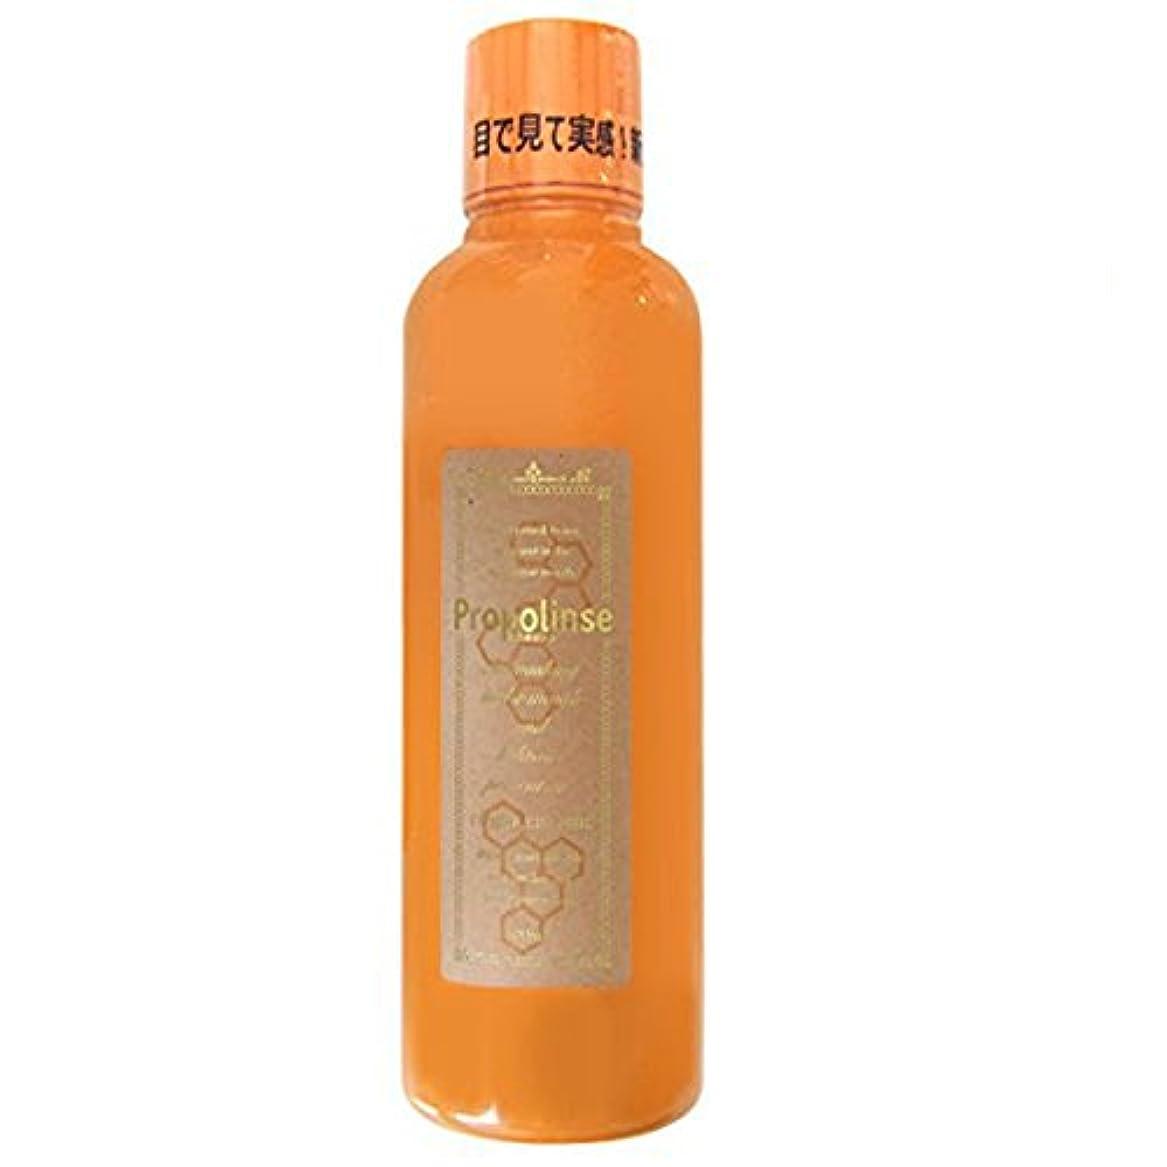 私たちのキャベツ光沢のあるピエラス プロポリンス ボトルタイプ 600ml 単品